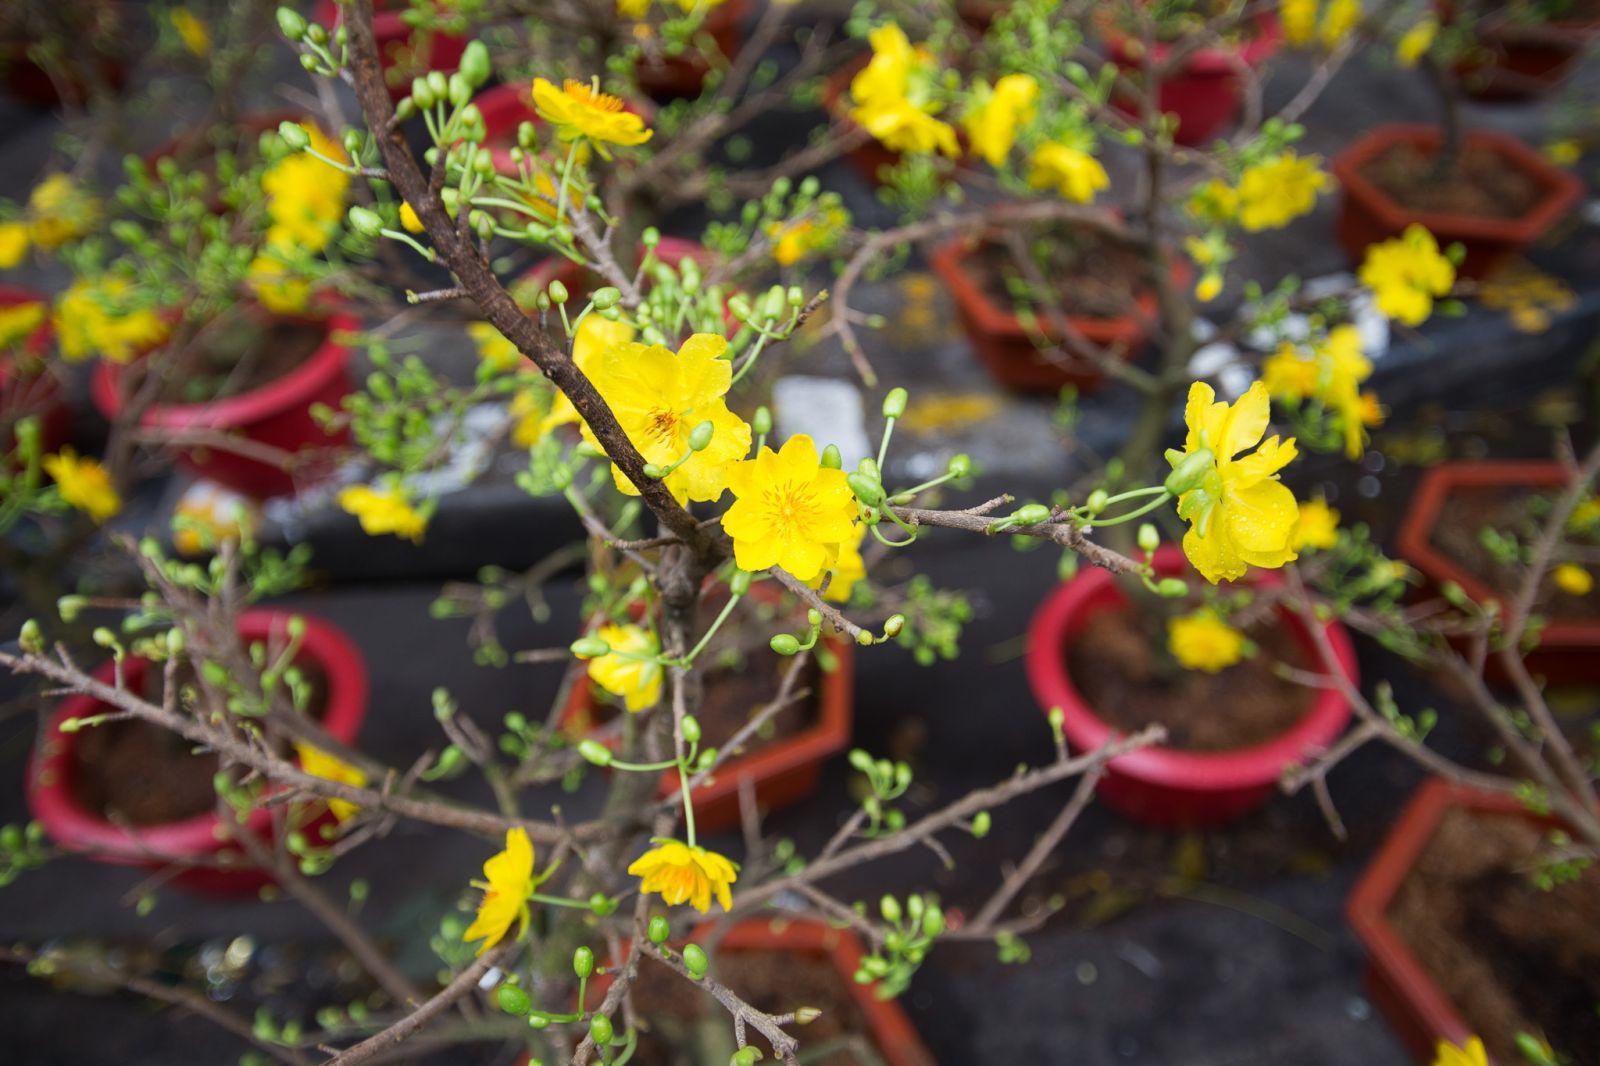 Các loại hoa mai trắng, vàng được bày bán khá nhiều tại chợ hoa Hàng Lược có giá từ vài trăm nghìn cho đến vài triệu đồng tùy loại.